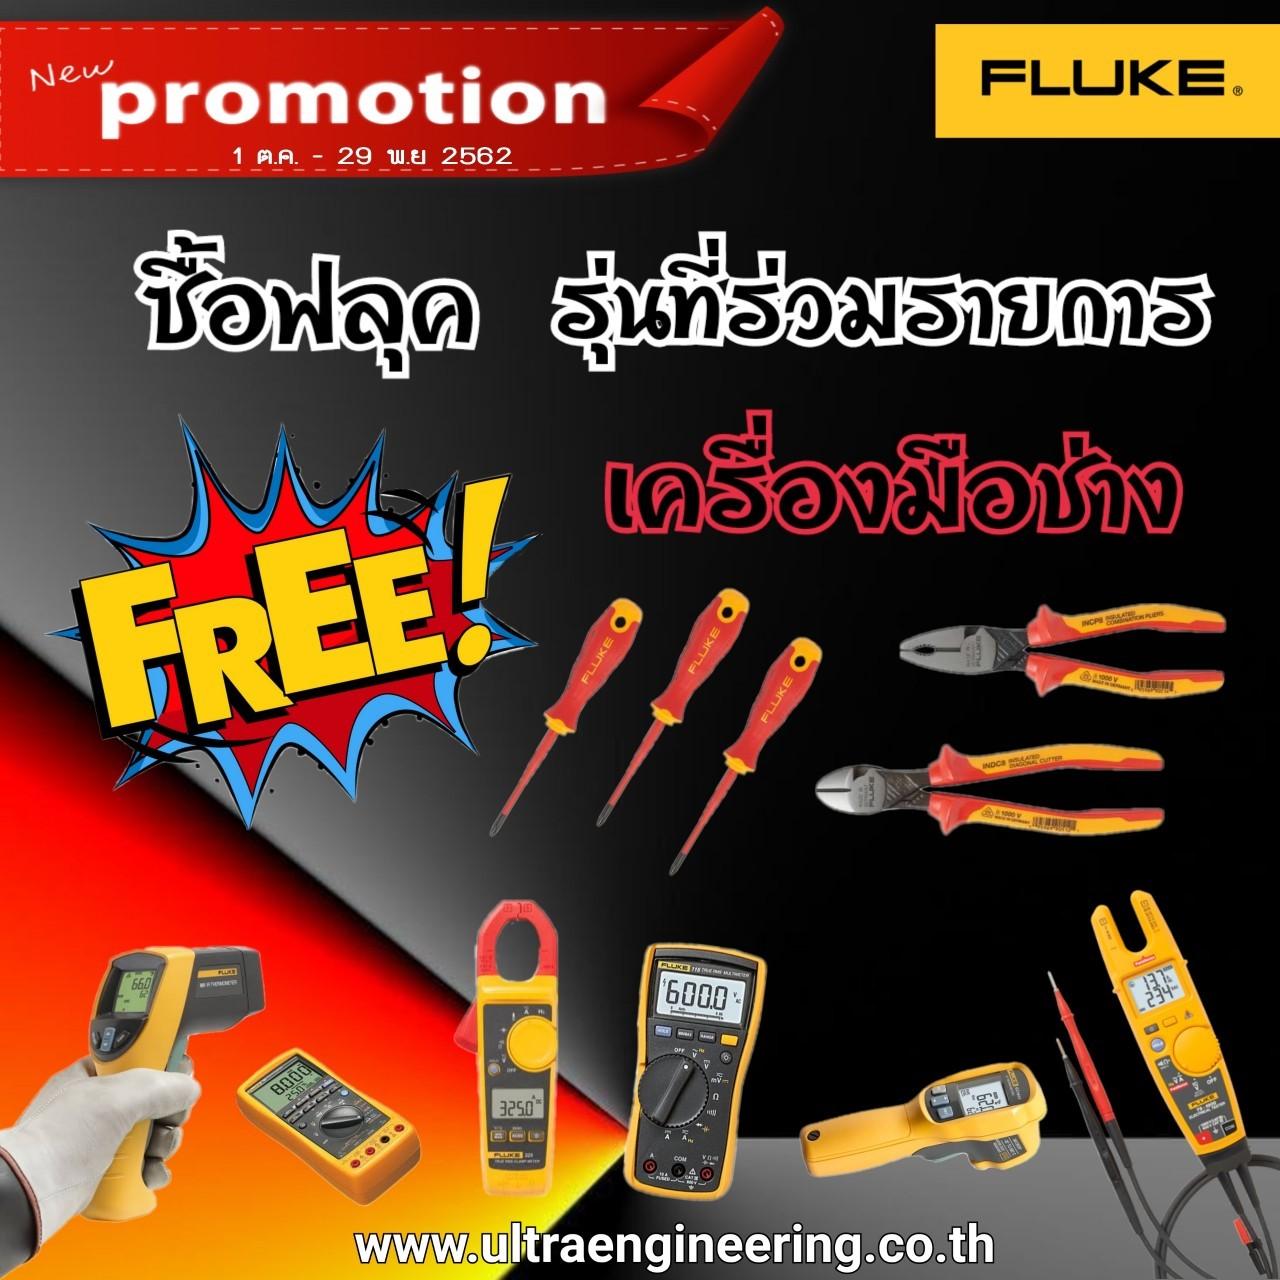 ซื้อ Fluke รับฟรี!! เครื่องมือช่างถูกใจ